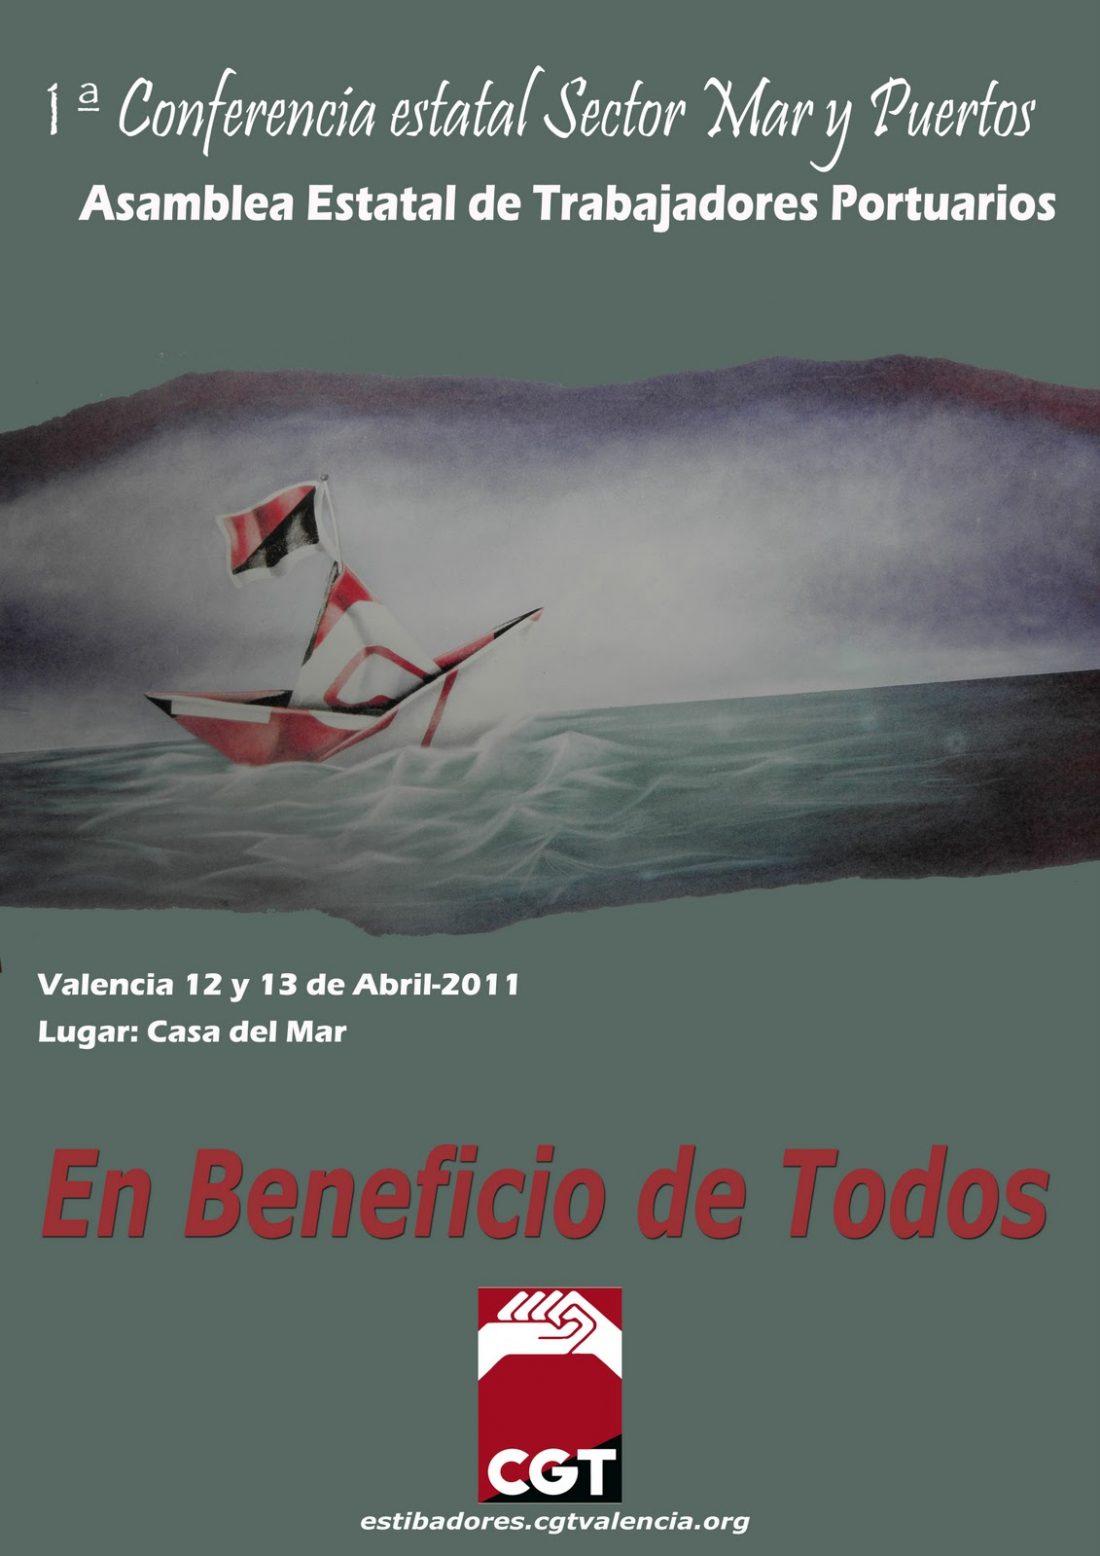 Valencia, 12 y 13 de Abril. Conferencia del Sector de Mar y Puertos de CGT